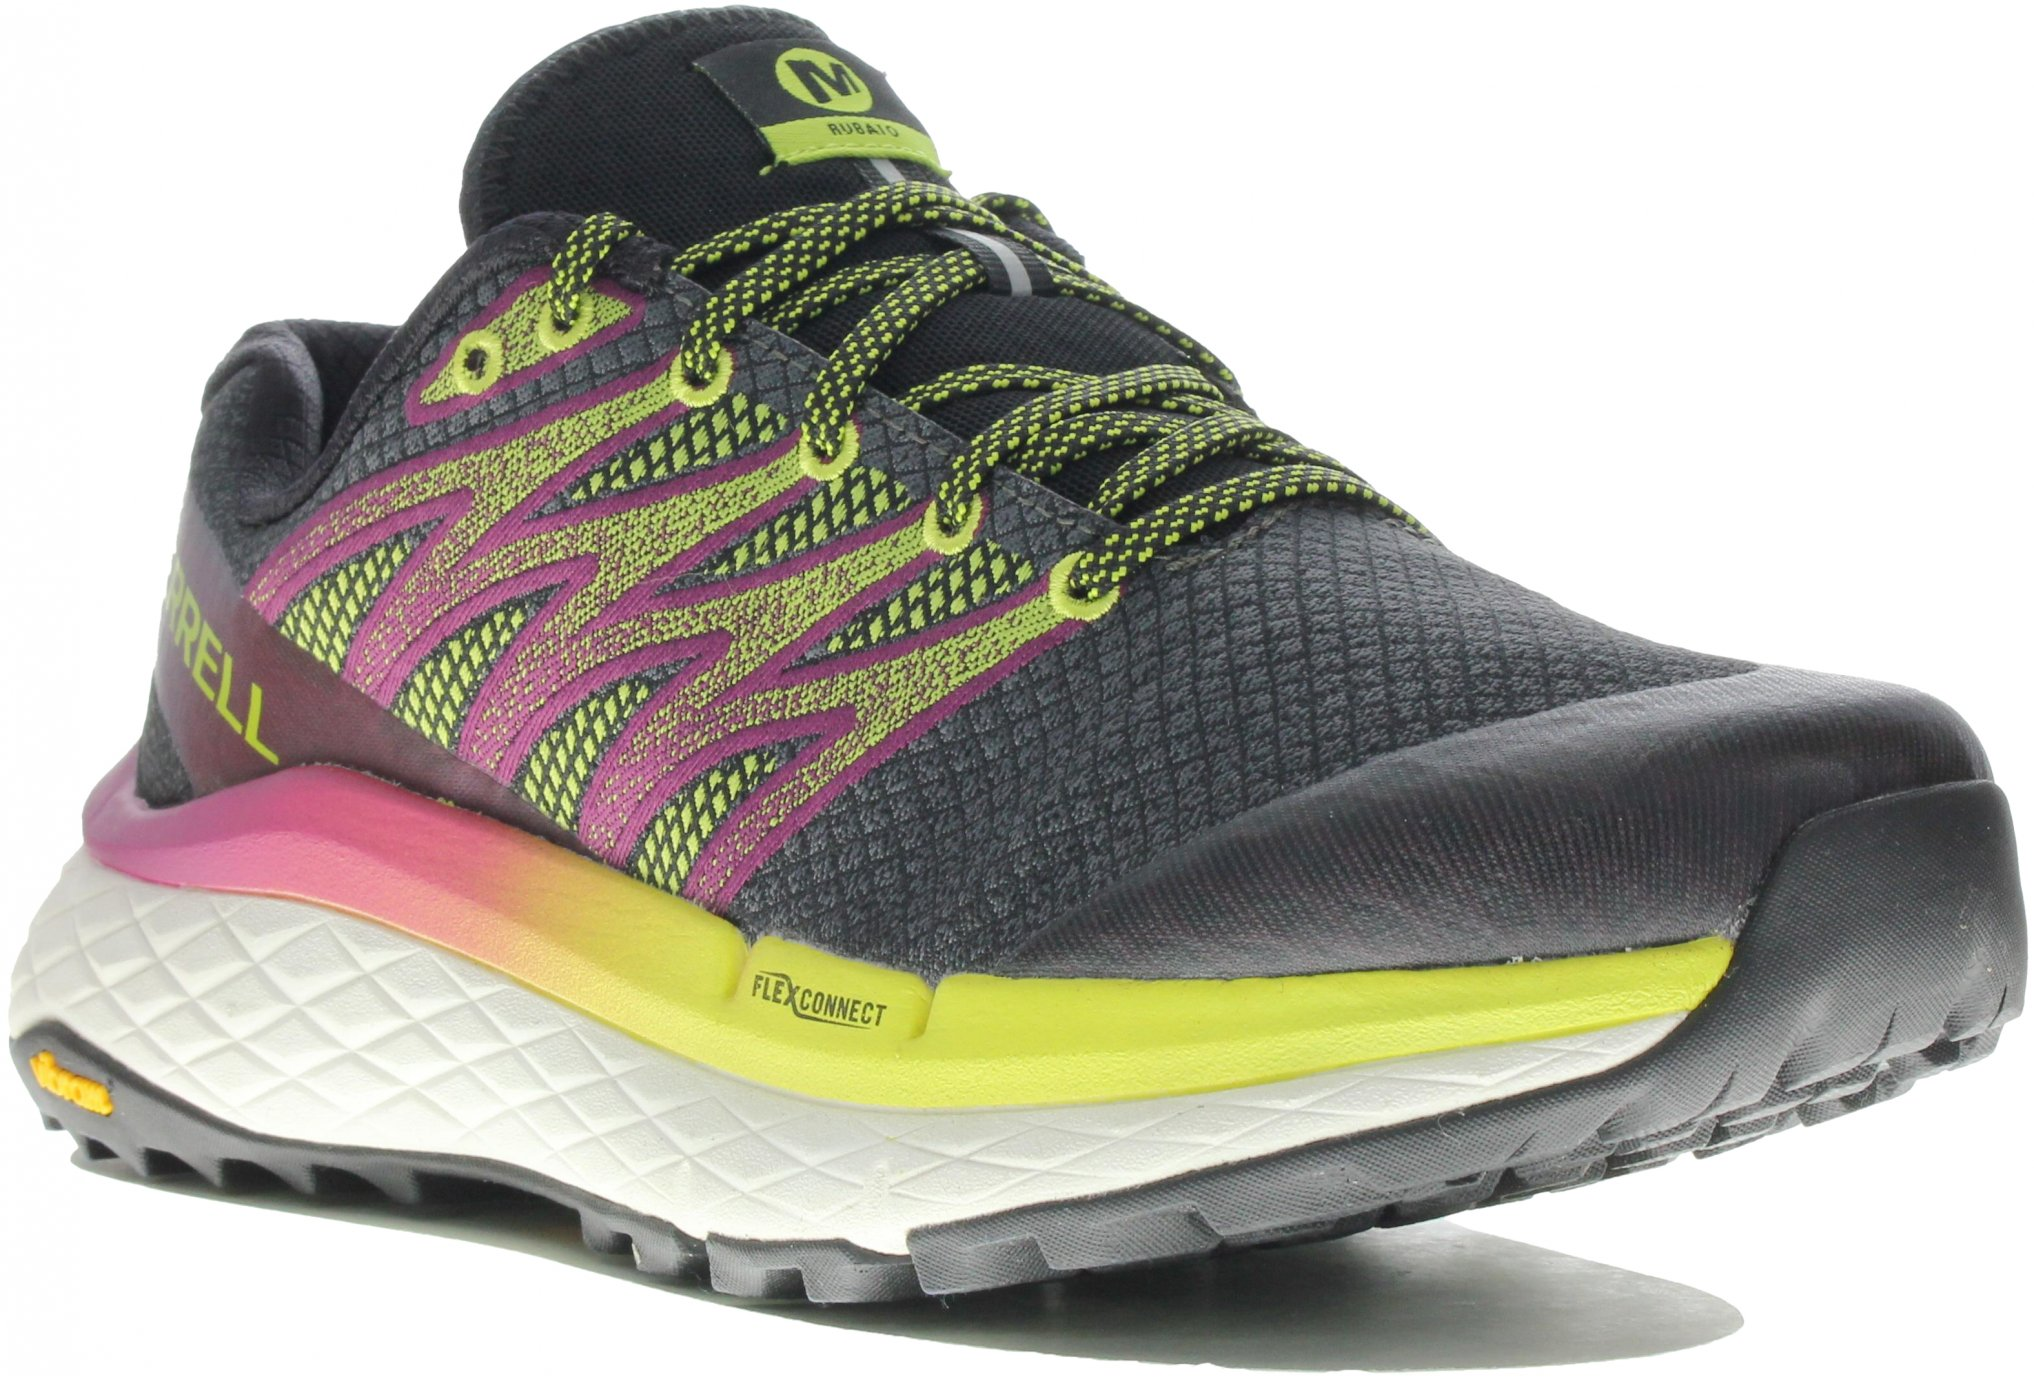 Merrell Rubato Chaussures running femme